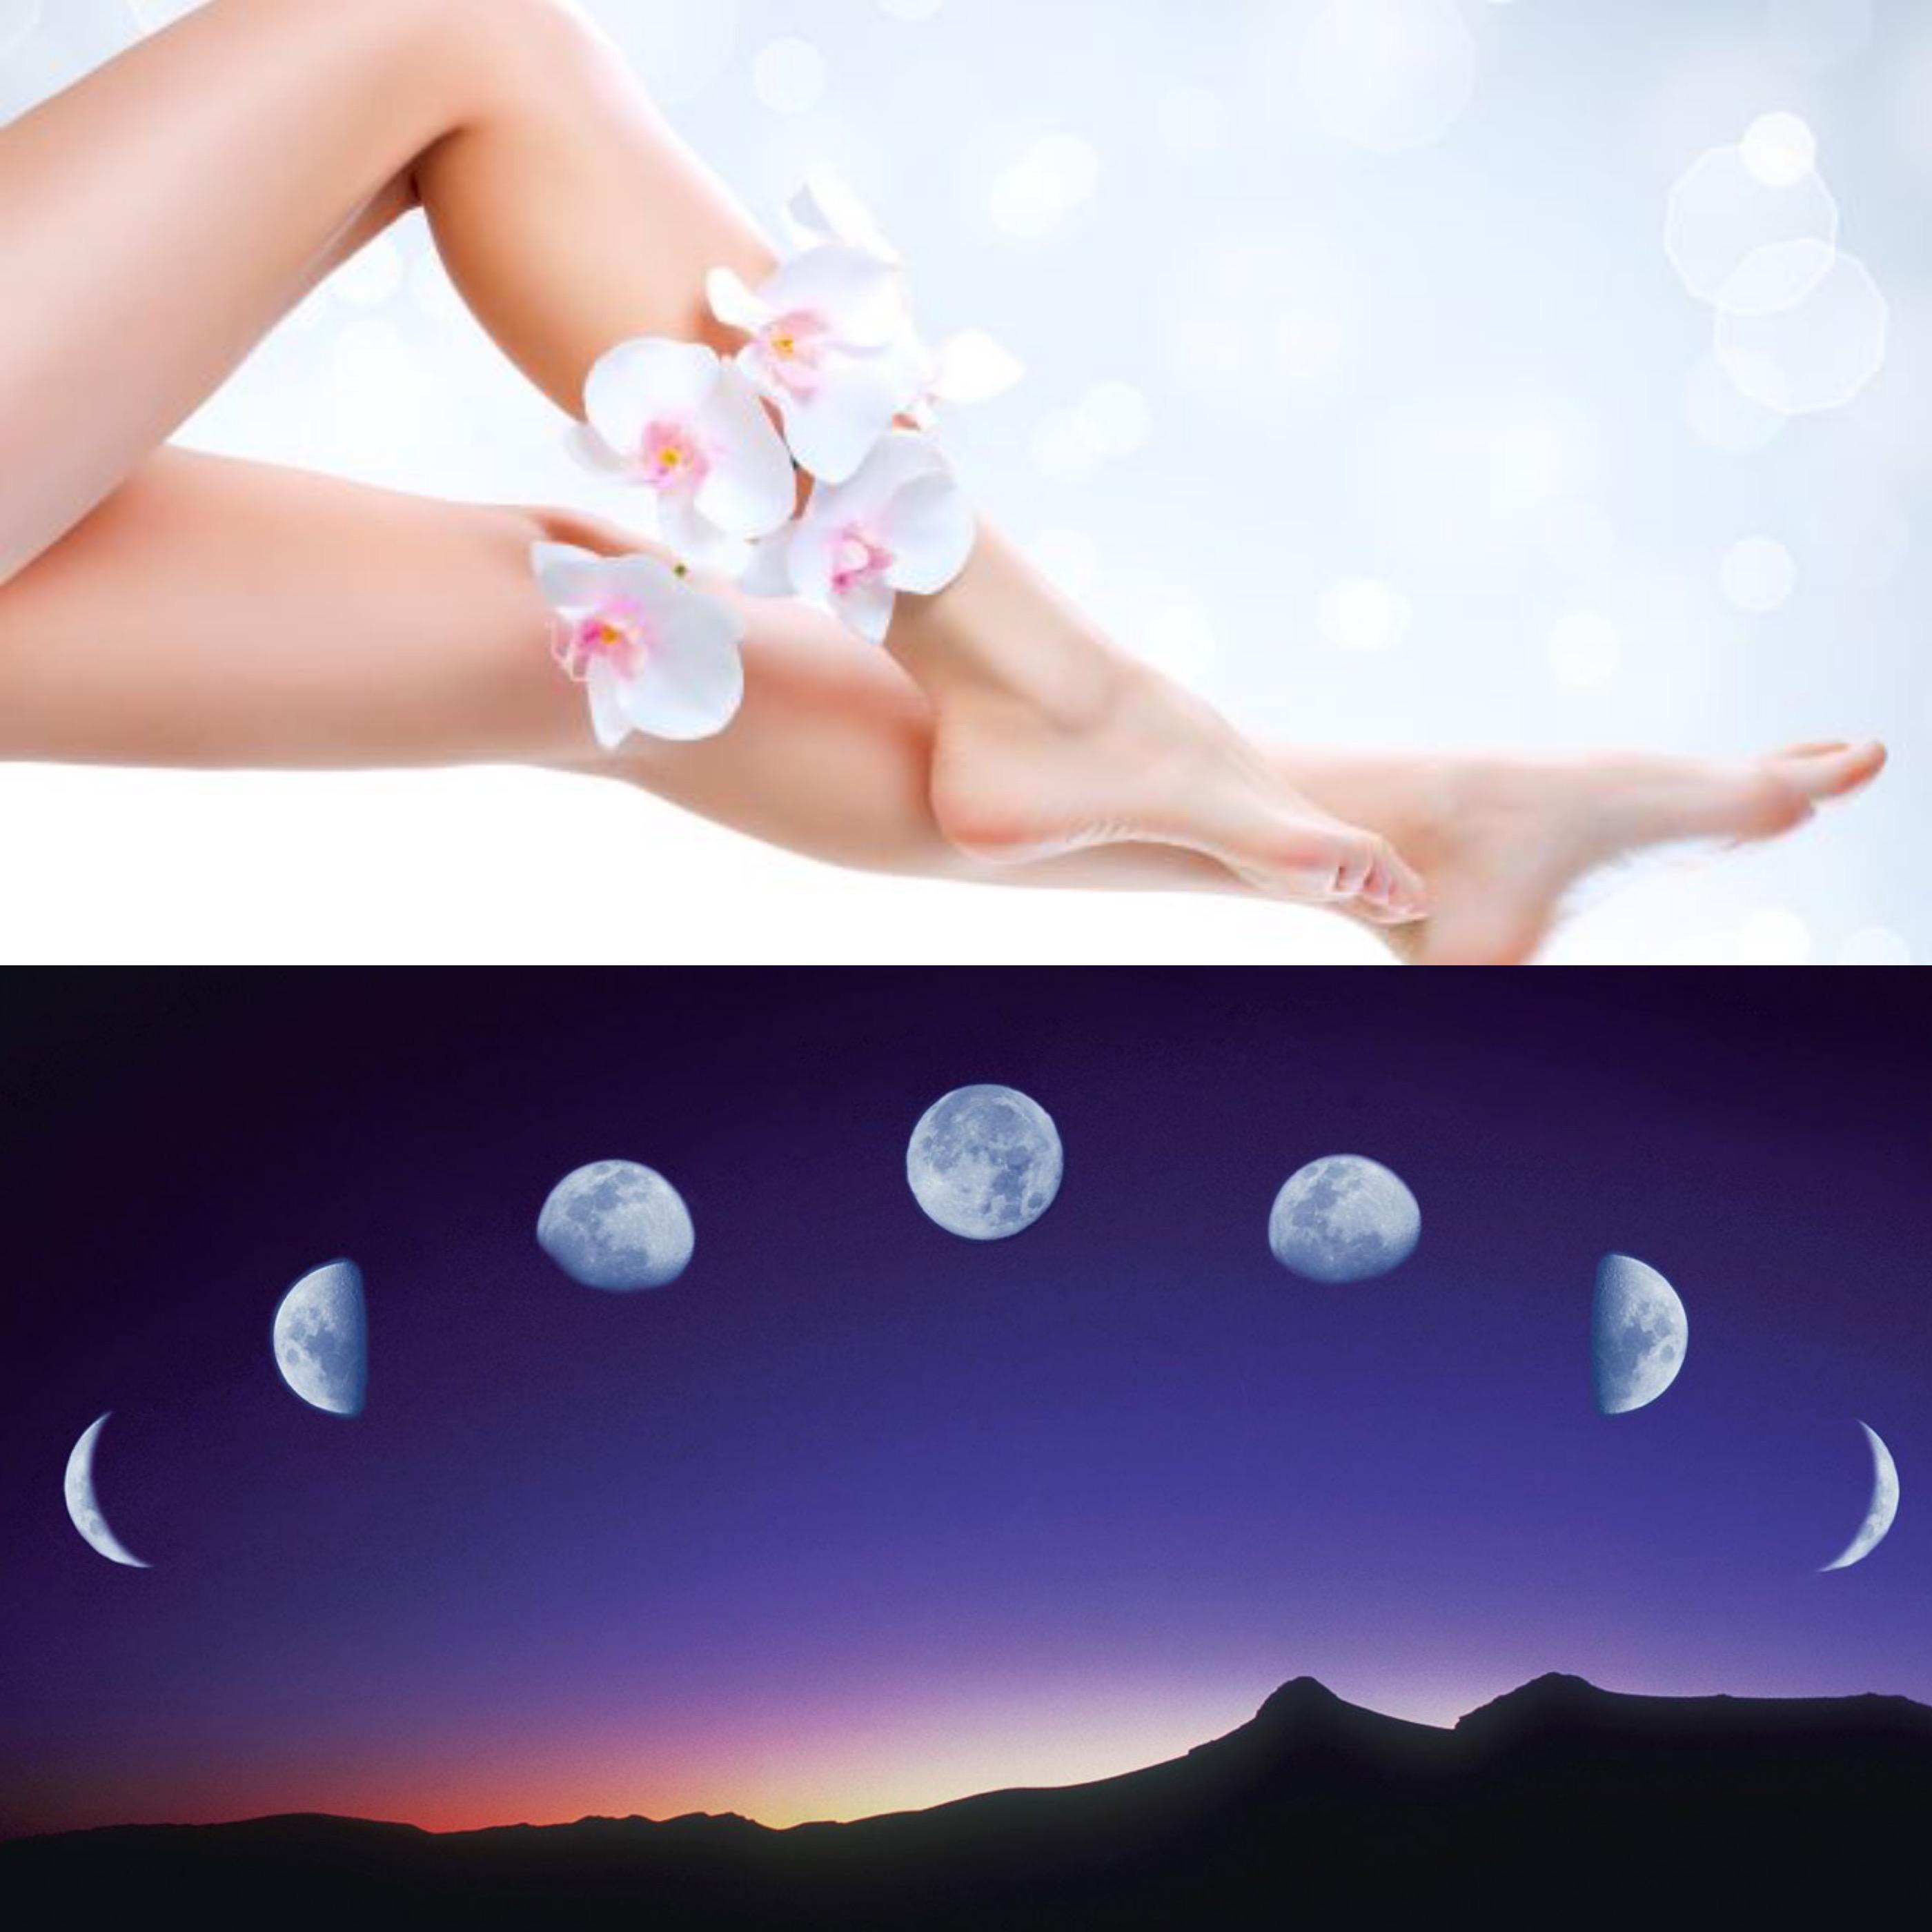 Calendario lunare depilazione febbraio 2015